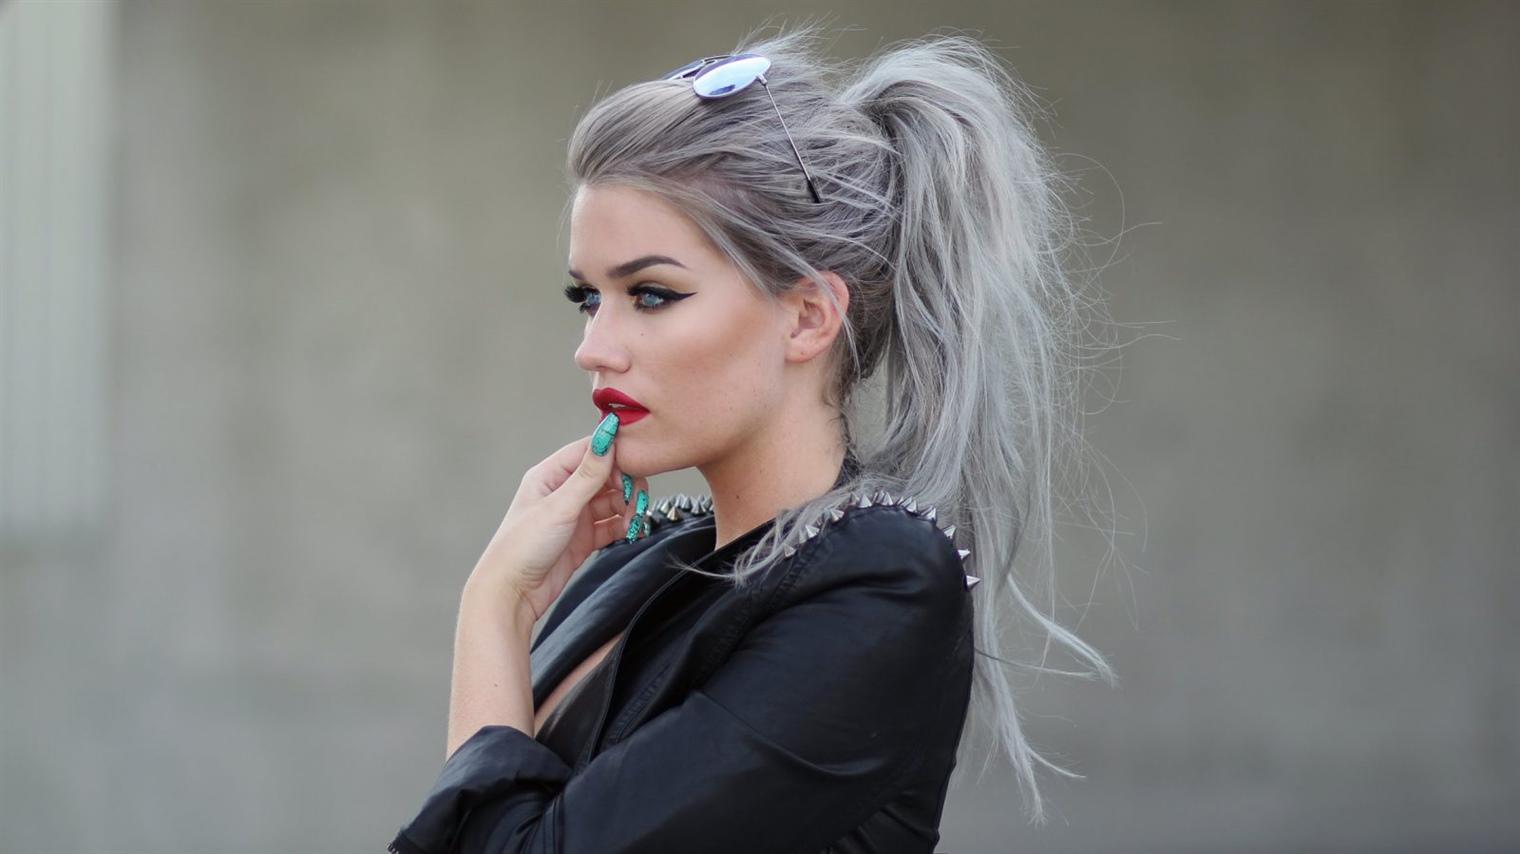 Haarfarben Trends 2020-2021 Die Kombination aus grauer Farbe und oberem Pferdeschwanz sieht fantastisch aus. Wenn Sie auch mutig sind, ist diese Frisur für Sie. Probieren Sie es aus und Sie werden den Unterschied sehen.